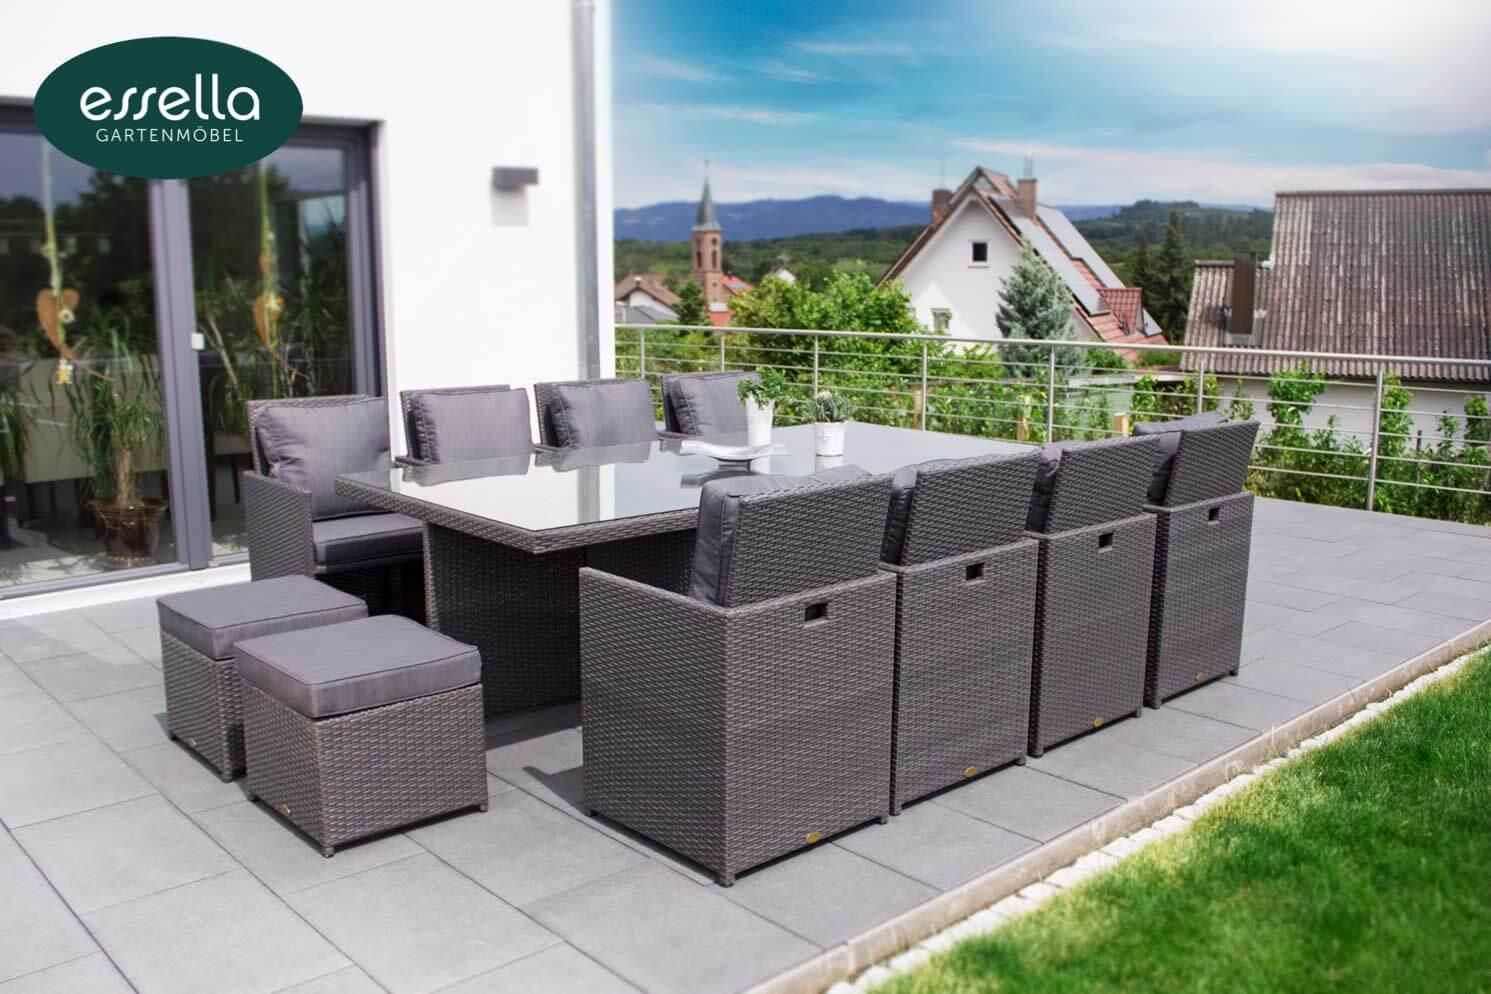 vorschau essella polyrattan sitzgruppe vienna grau flachgeflecht. Black Bedroom Furniture Sets. Home Design Ideas